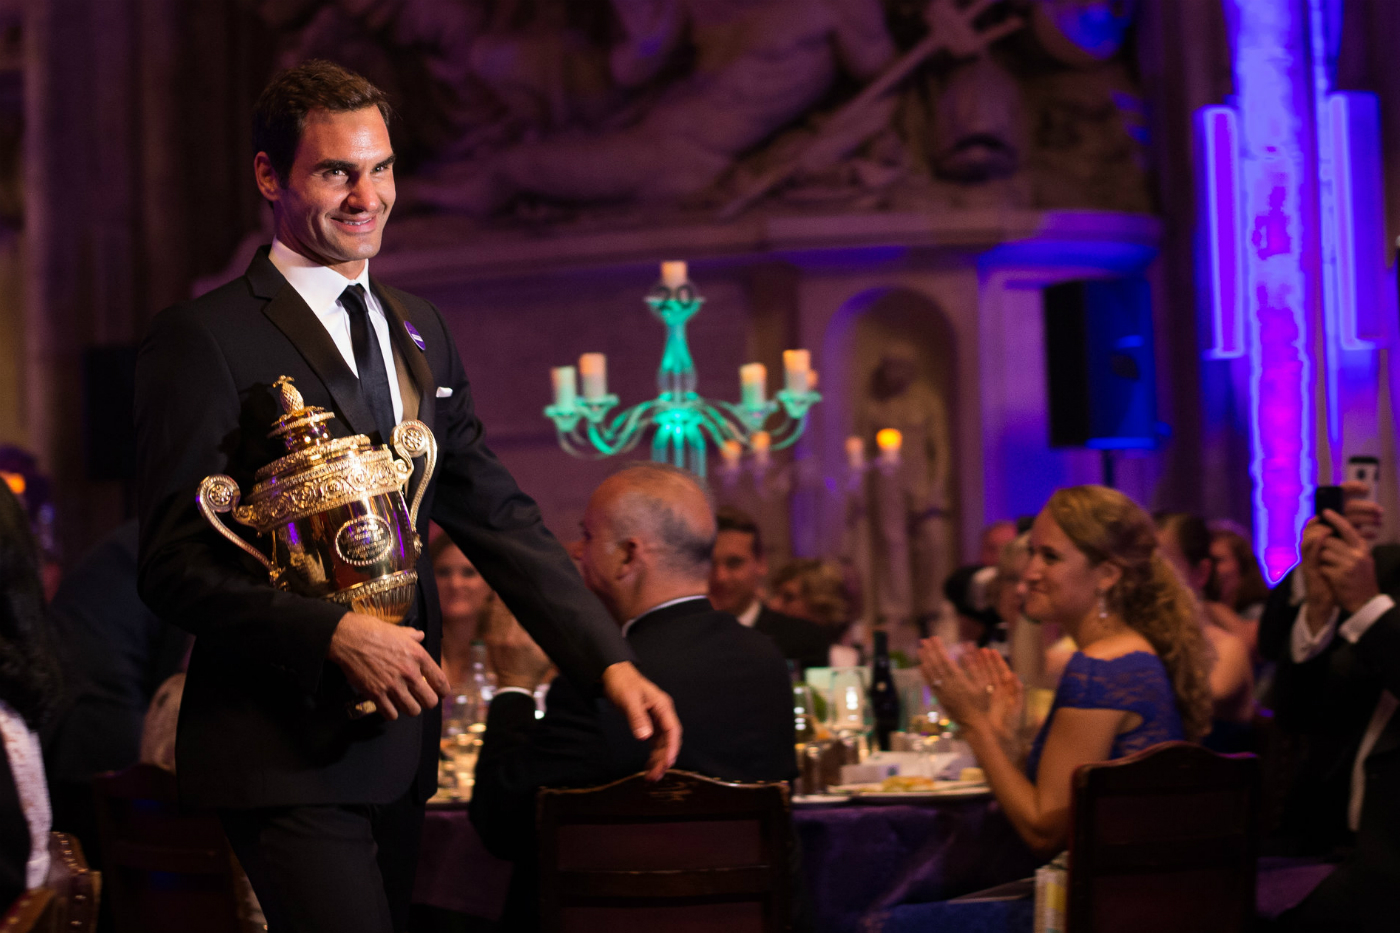 Ngôi vị số 1 thế giới, chưa ai qua nổi Andy Murray